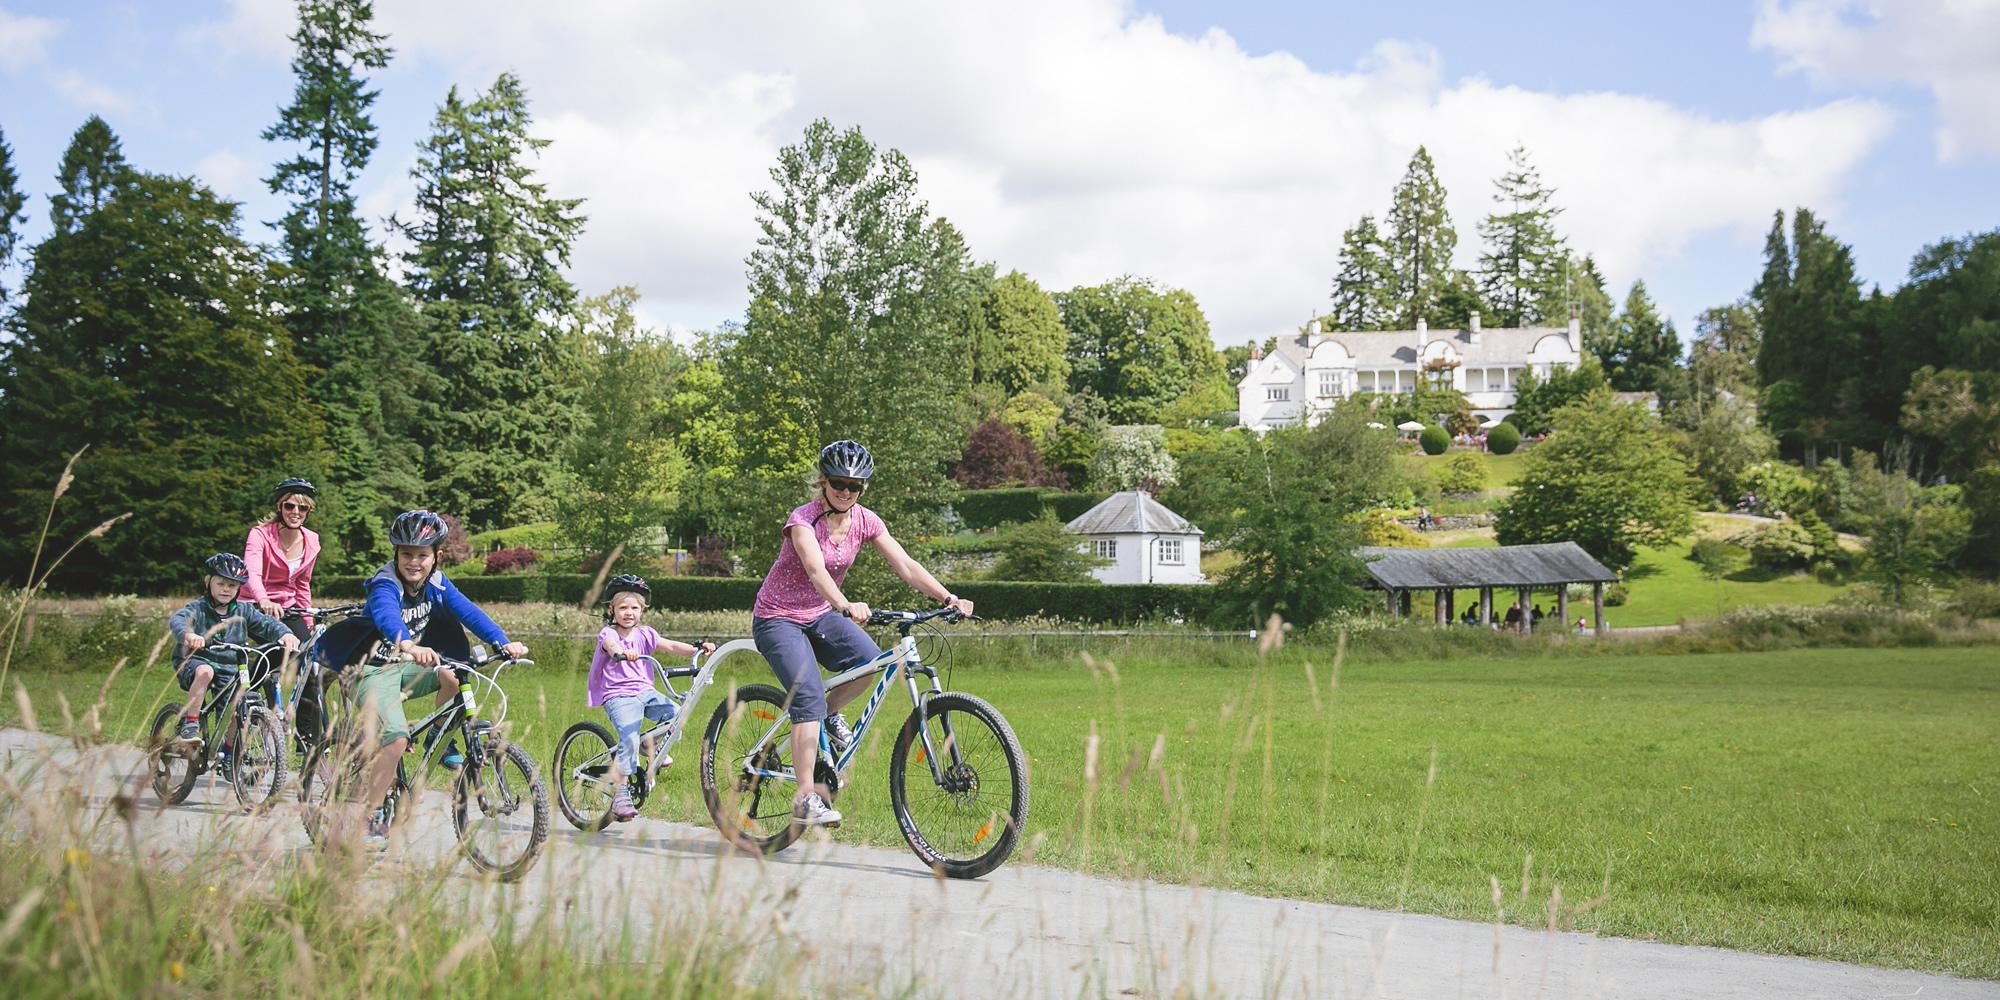 Family cycling through gardens